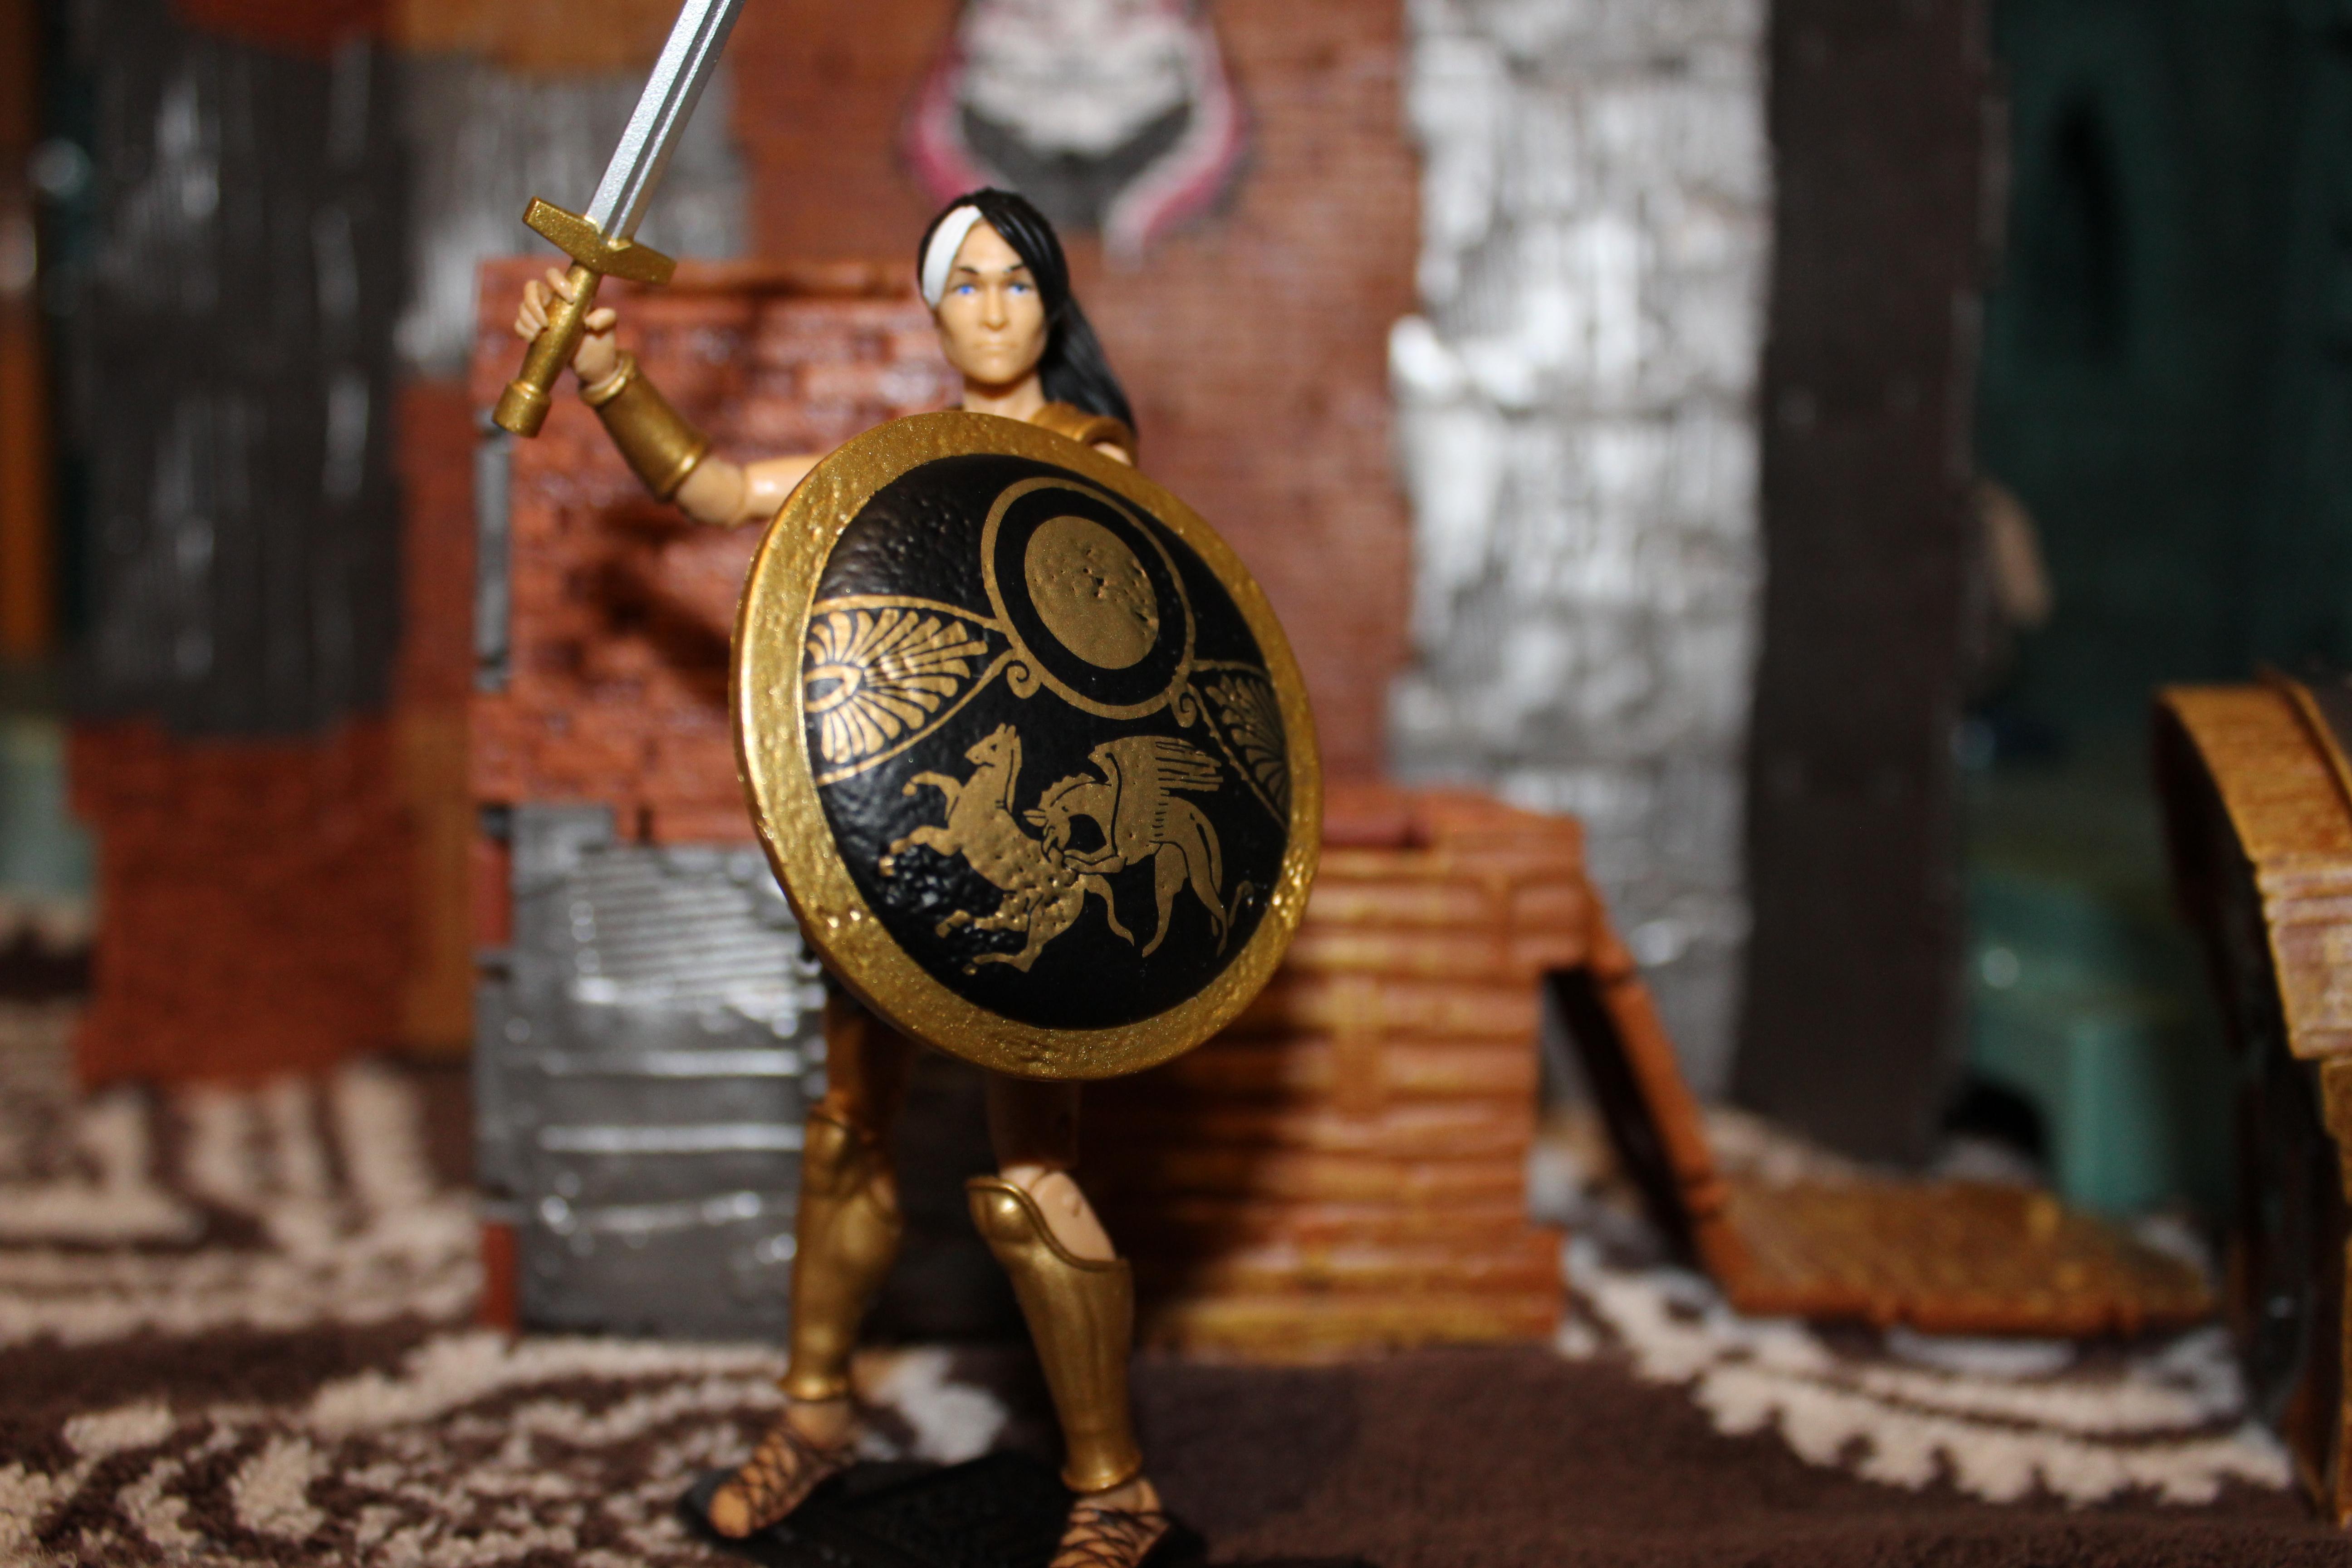 Vitruvian h.a.c.k.s Penthesilea Amazon commandant